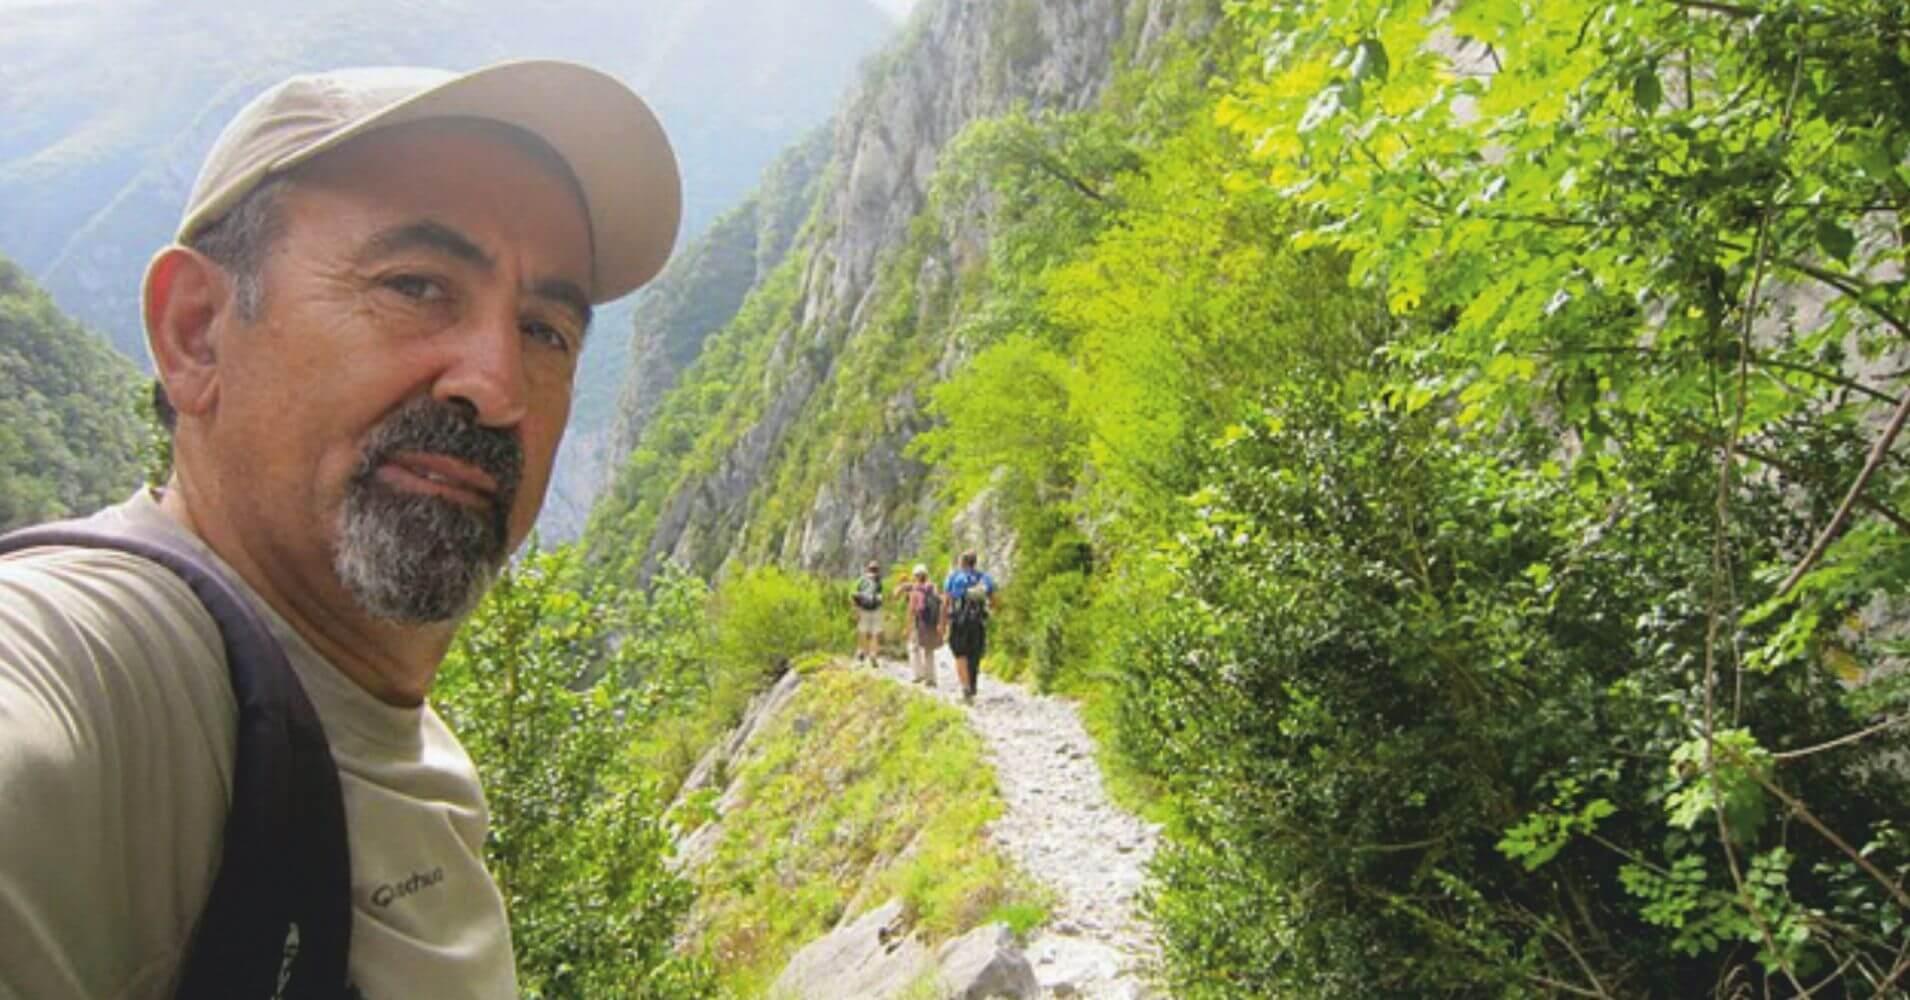 Entramos en el Chemin de la Mâture. Valle de Aspe. Etsaut. Pirineos Atlánticos. Nueva Aquitania.